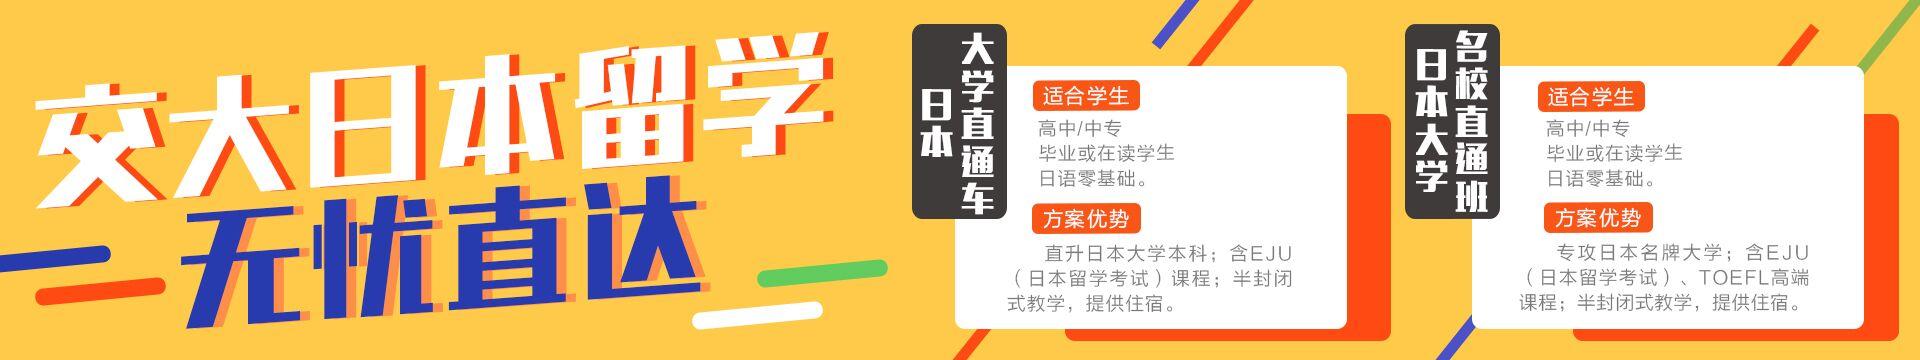 上海培训机构